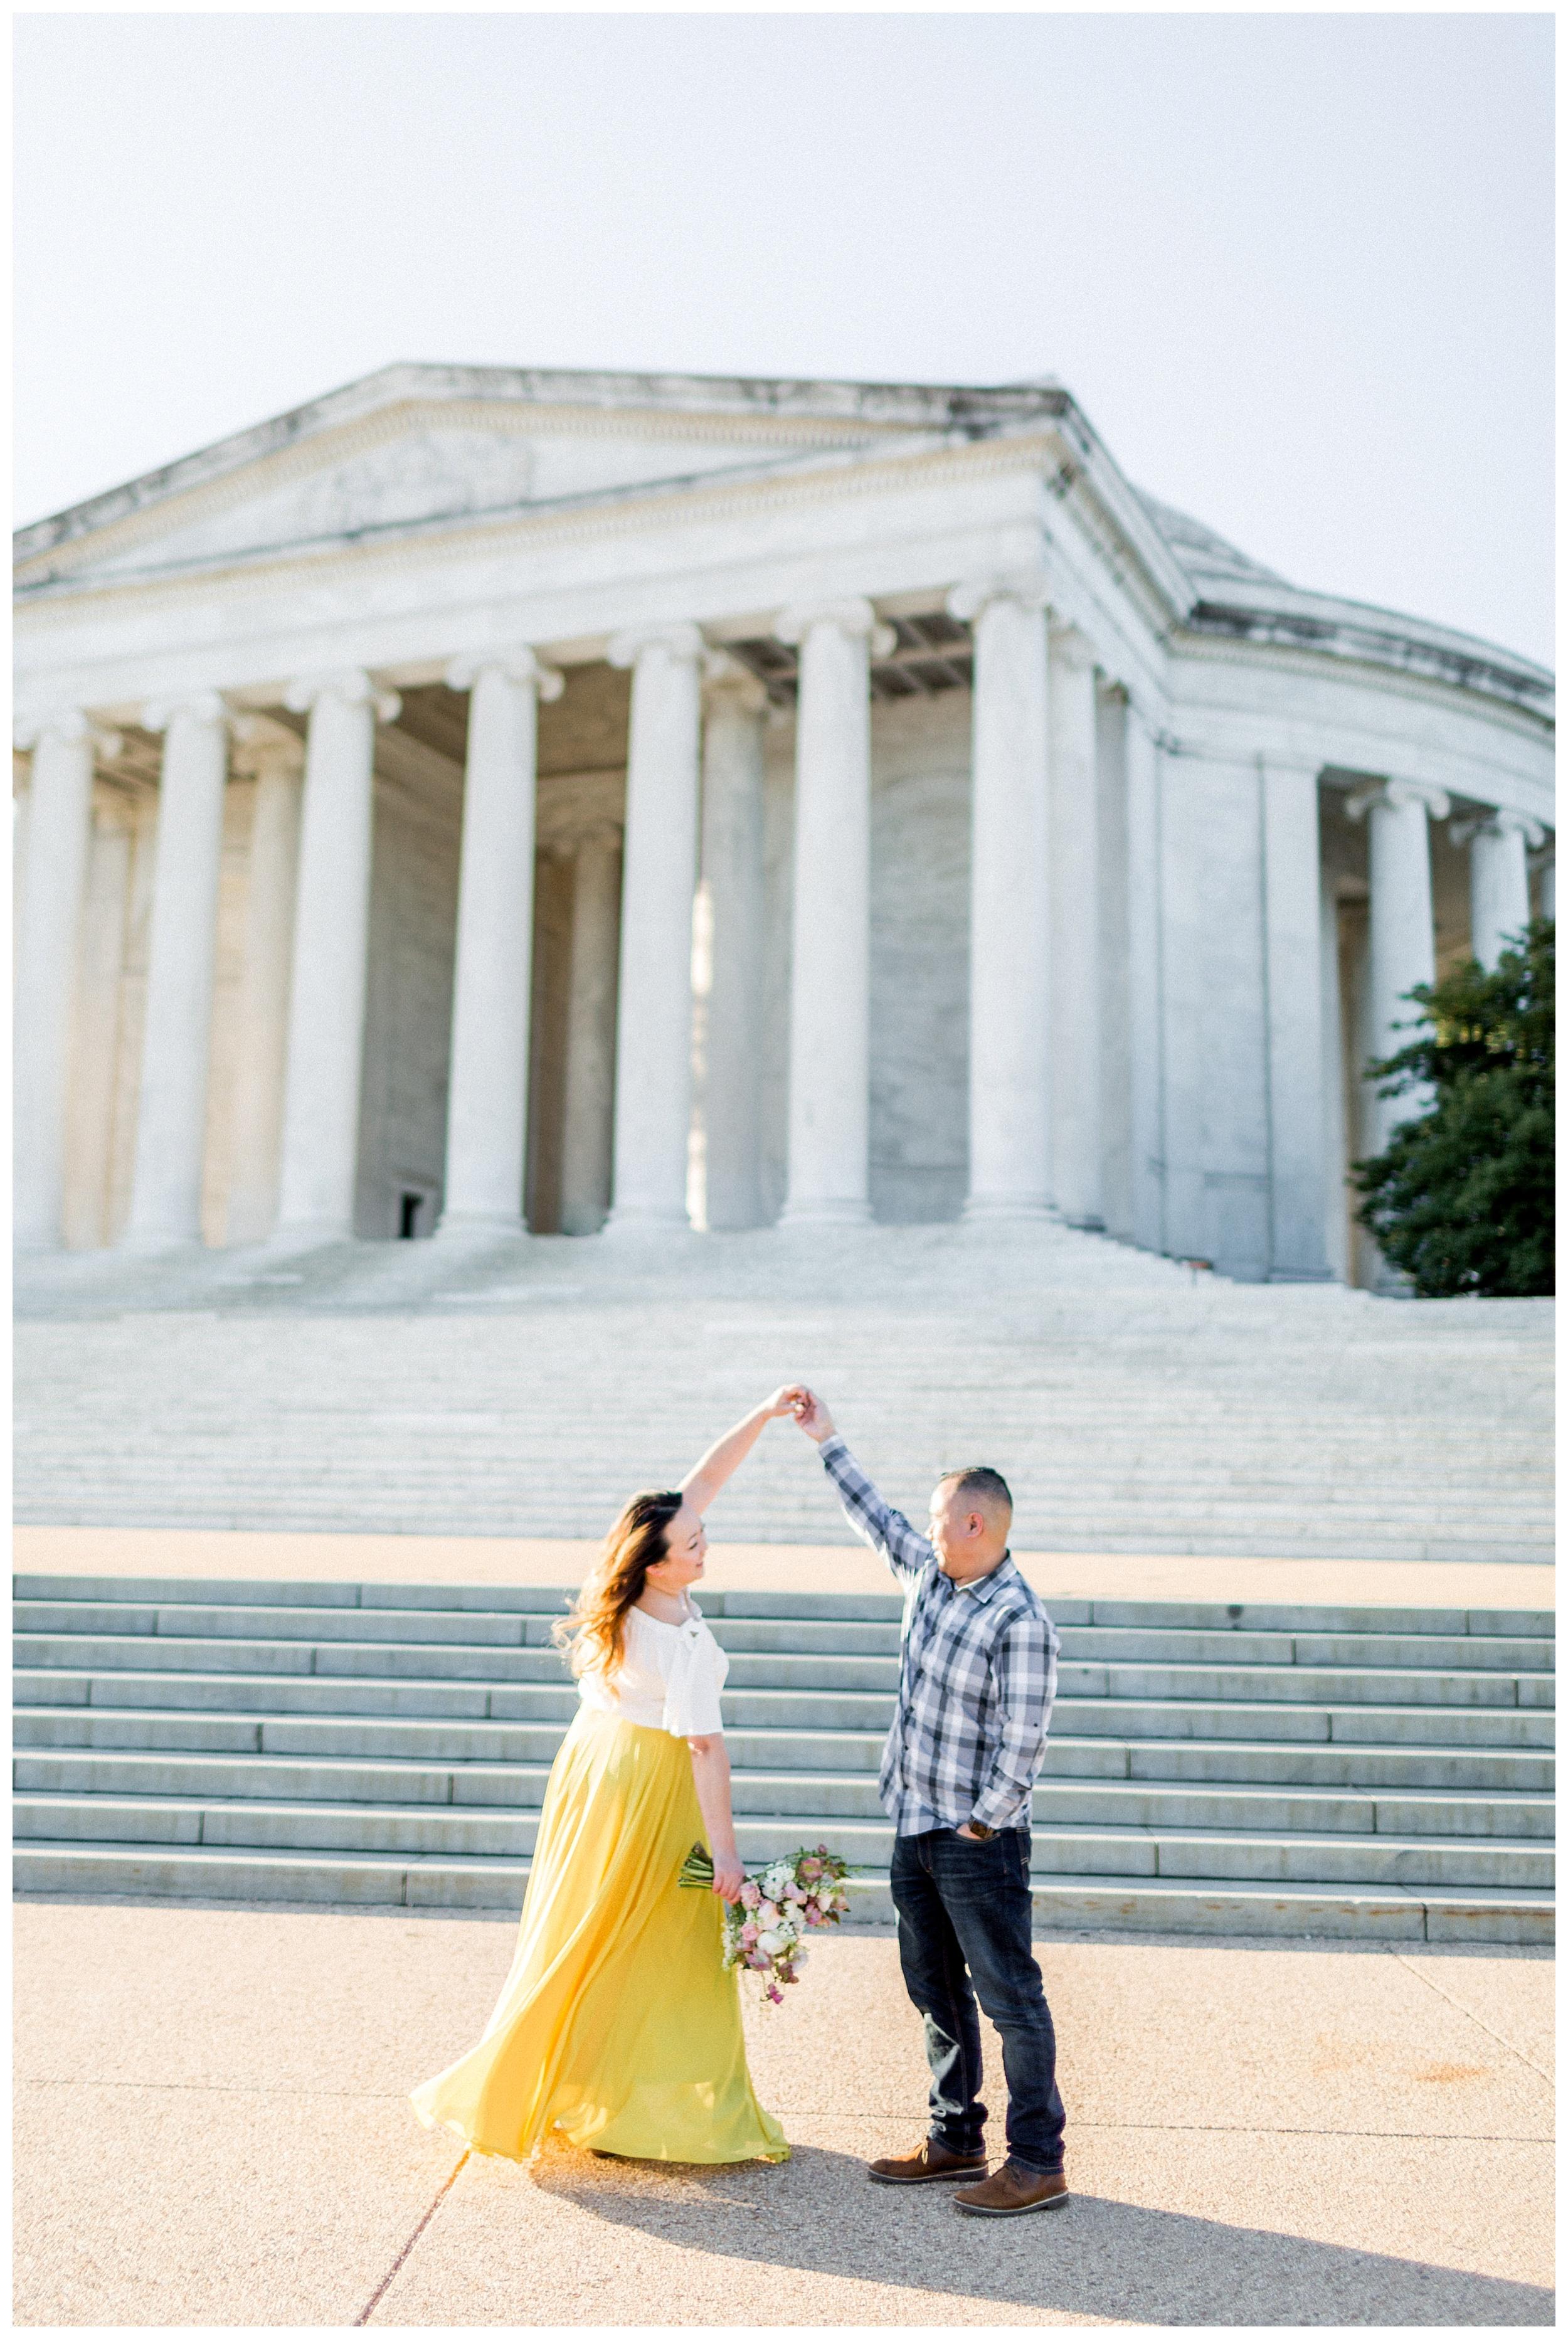 Washington DC Engagement Photos | Thomas Jefferson Engagement Session_0009.jpg